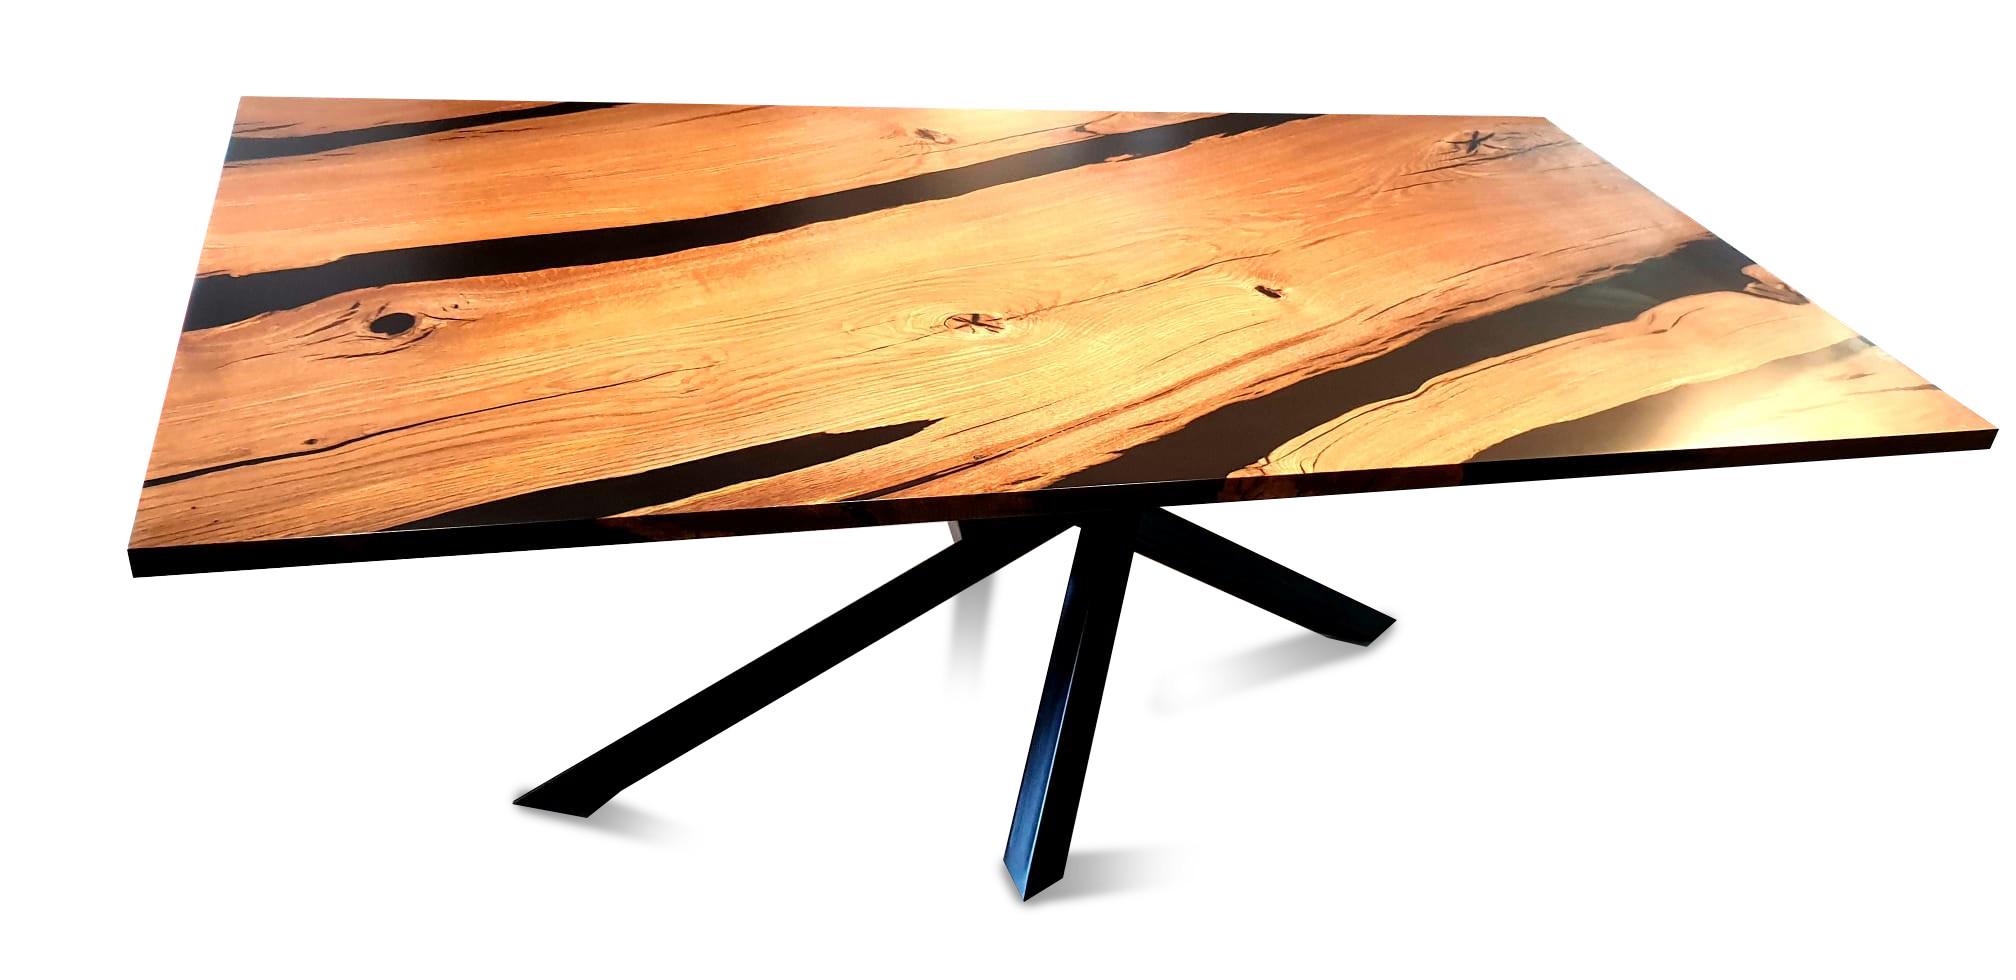 Esstisch Abonos Elegant Table mit Epoxid 09